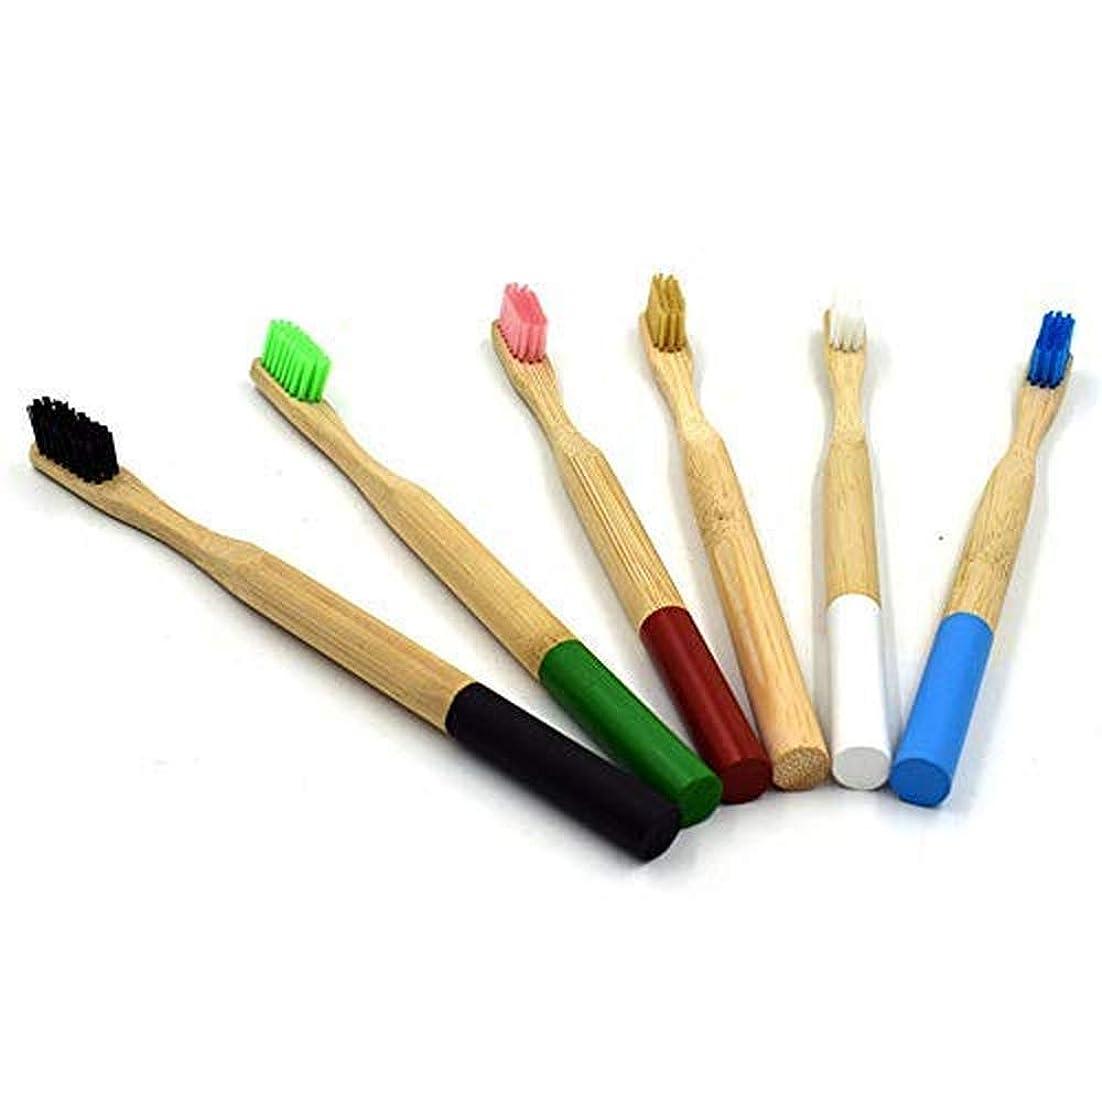 カプラー成分ゆるくTAOVK 6pcs 柔らかい毛の木製の歯のブラシ竹のハンドルの歯科口腔ケアの歯ブラシ